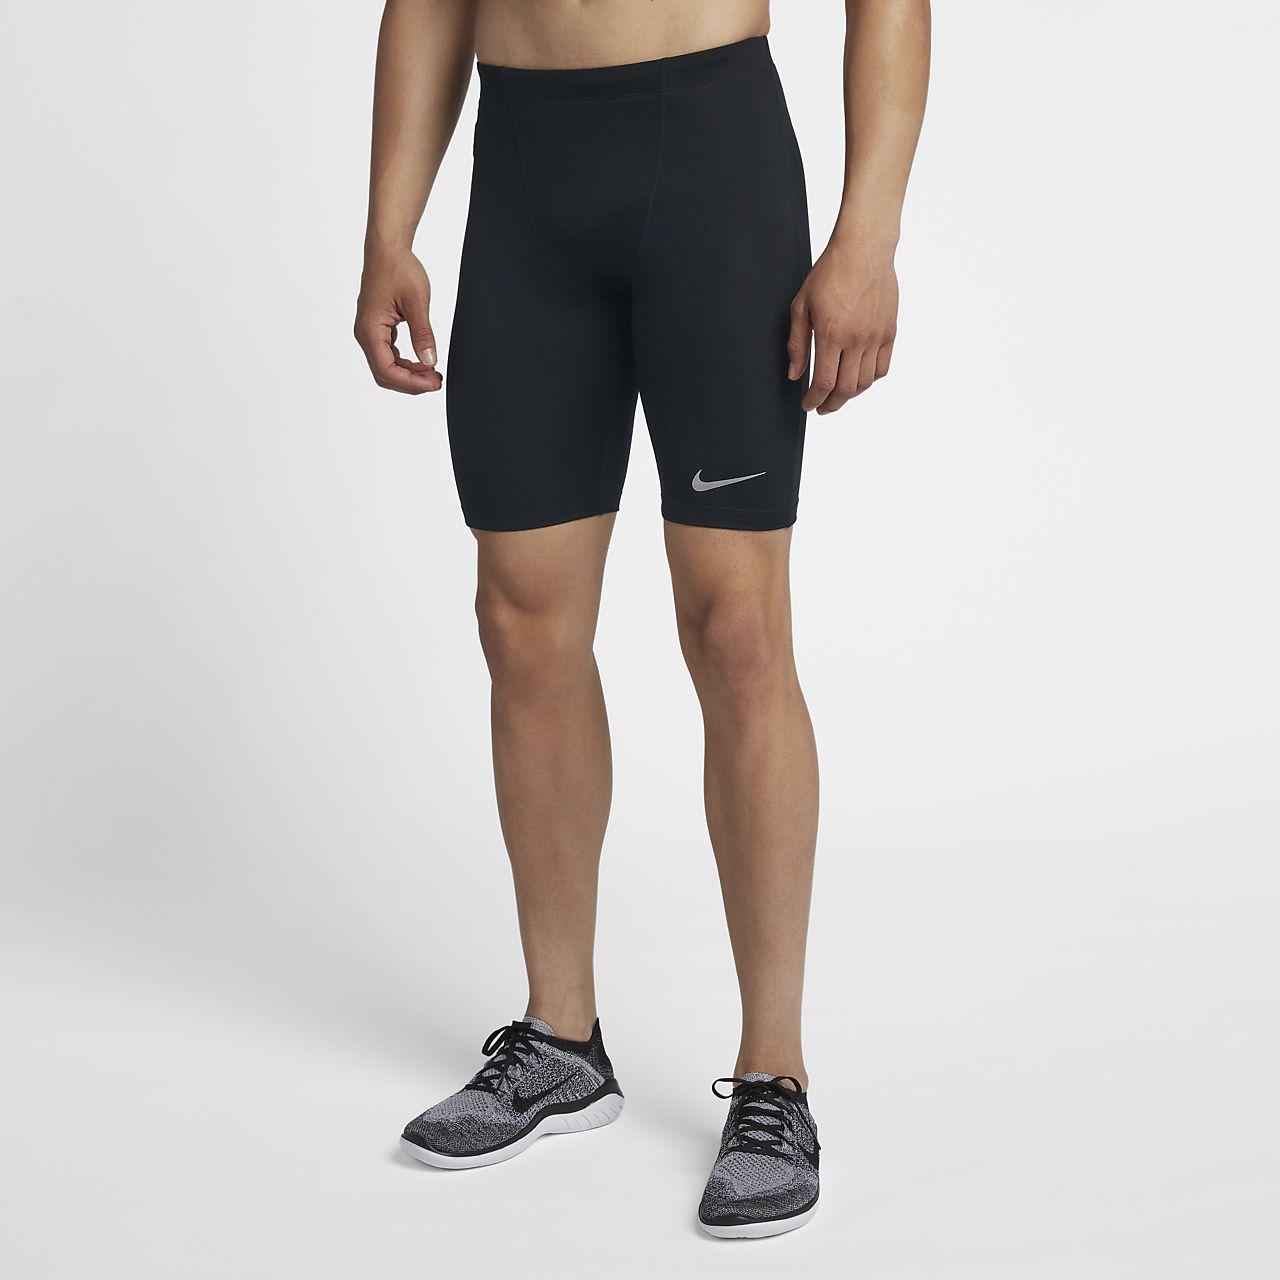 Nike-løbetights i halv længde til mænd